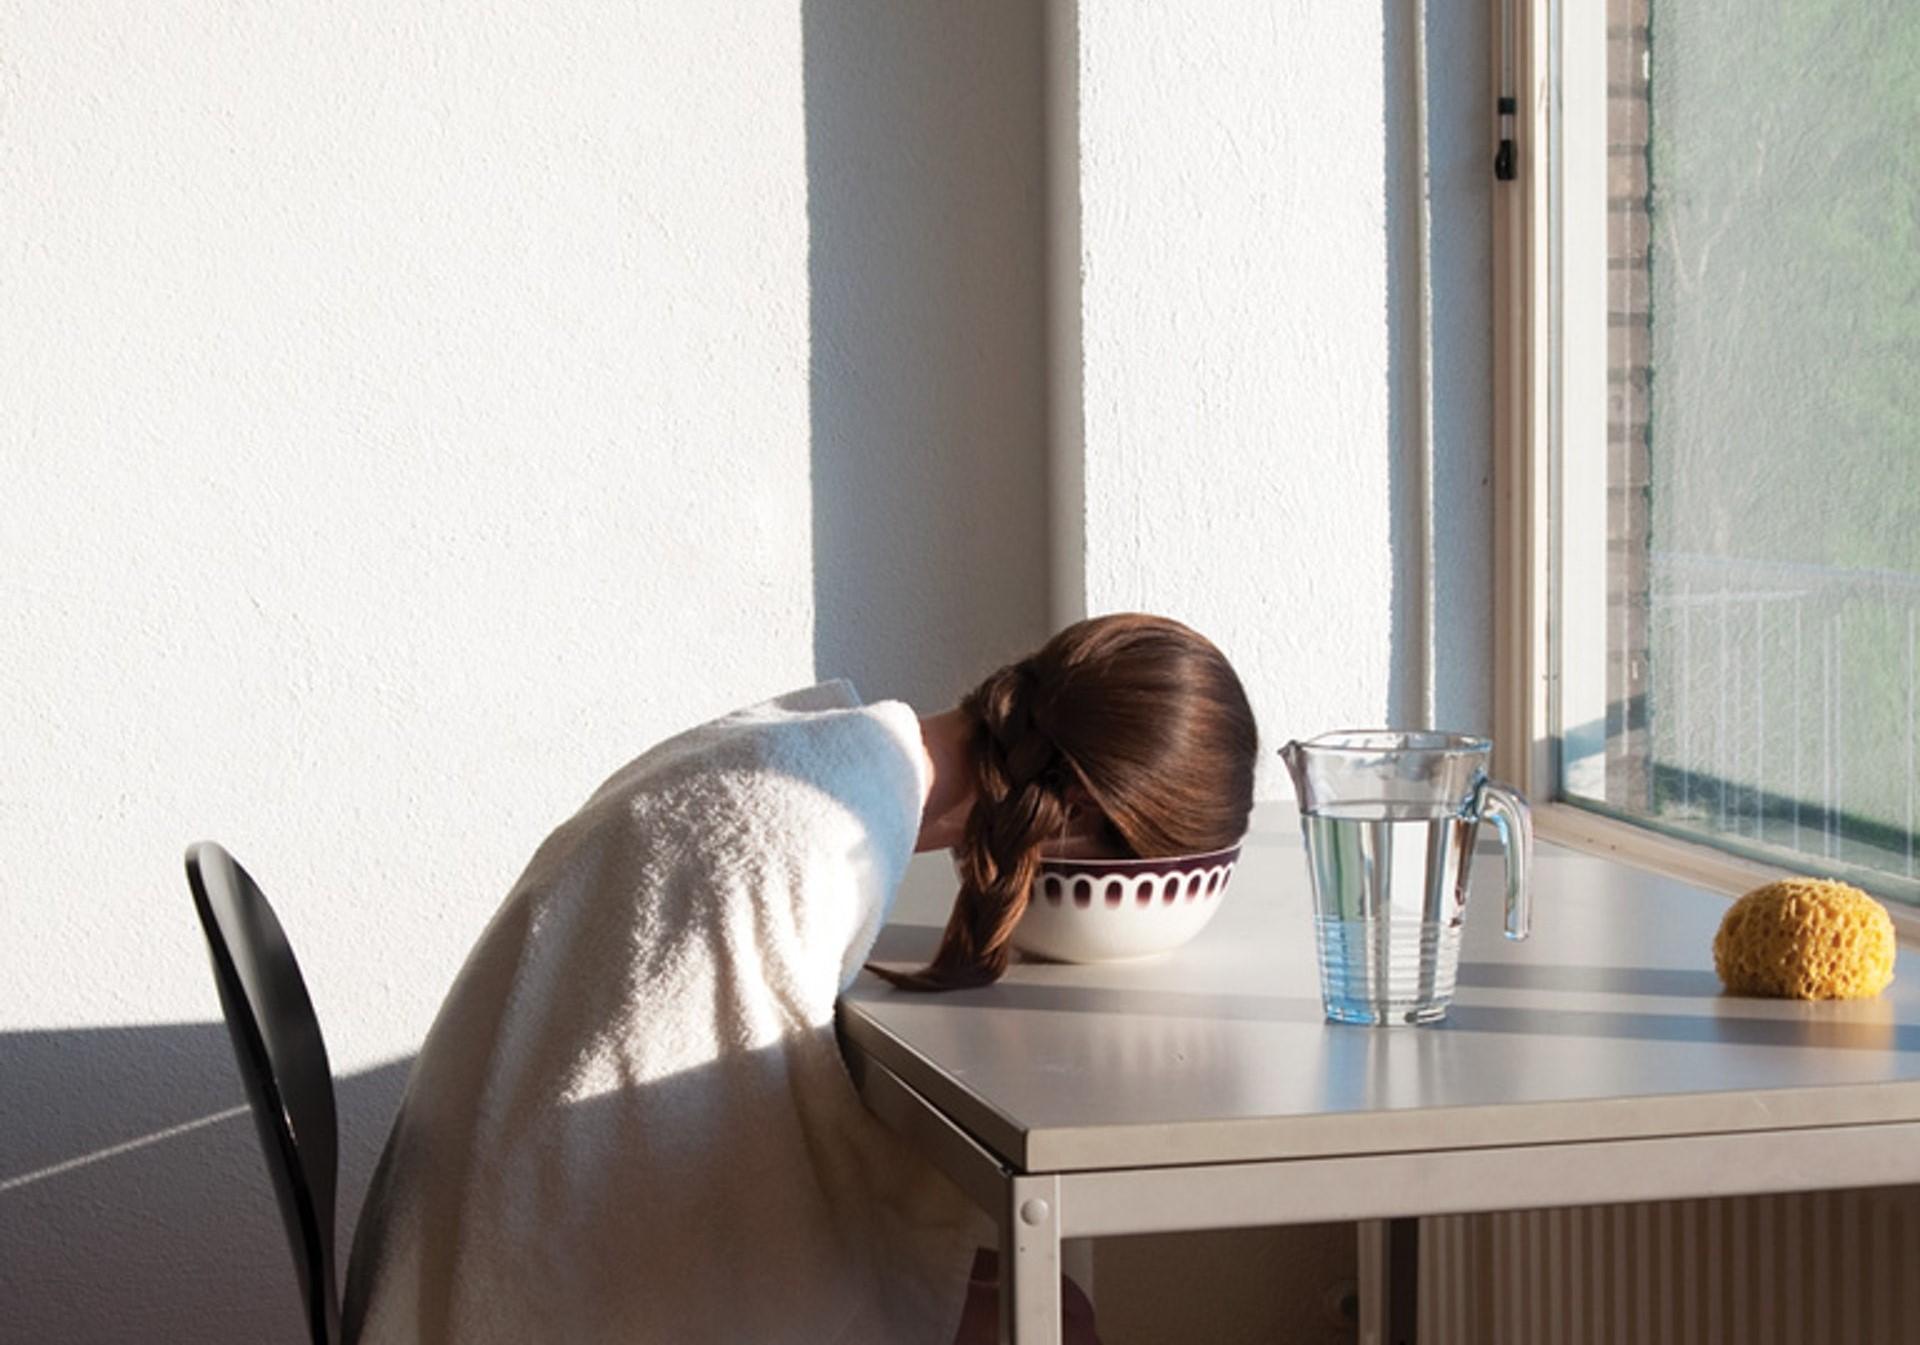 Những dấu hiệu này có thể ngầm báo cho bạn biết cơ thể đang suy nhược trầm trọng - Ảnh 5.